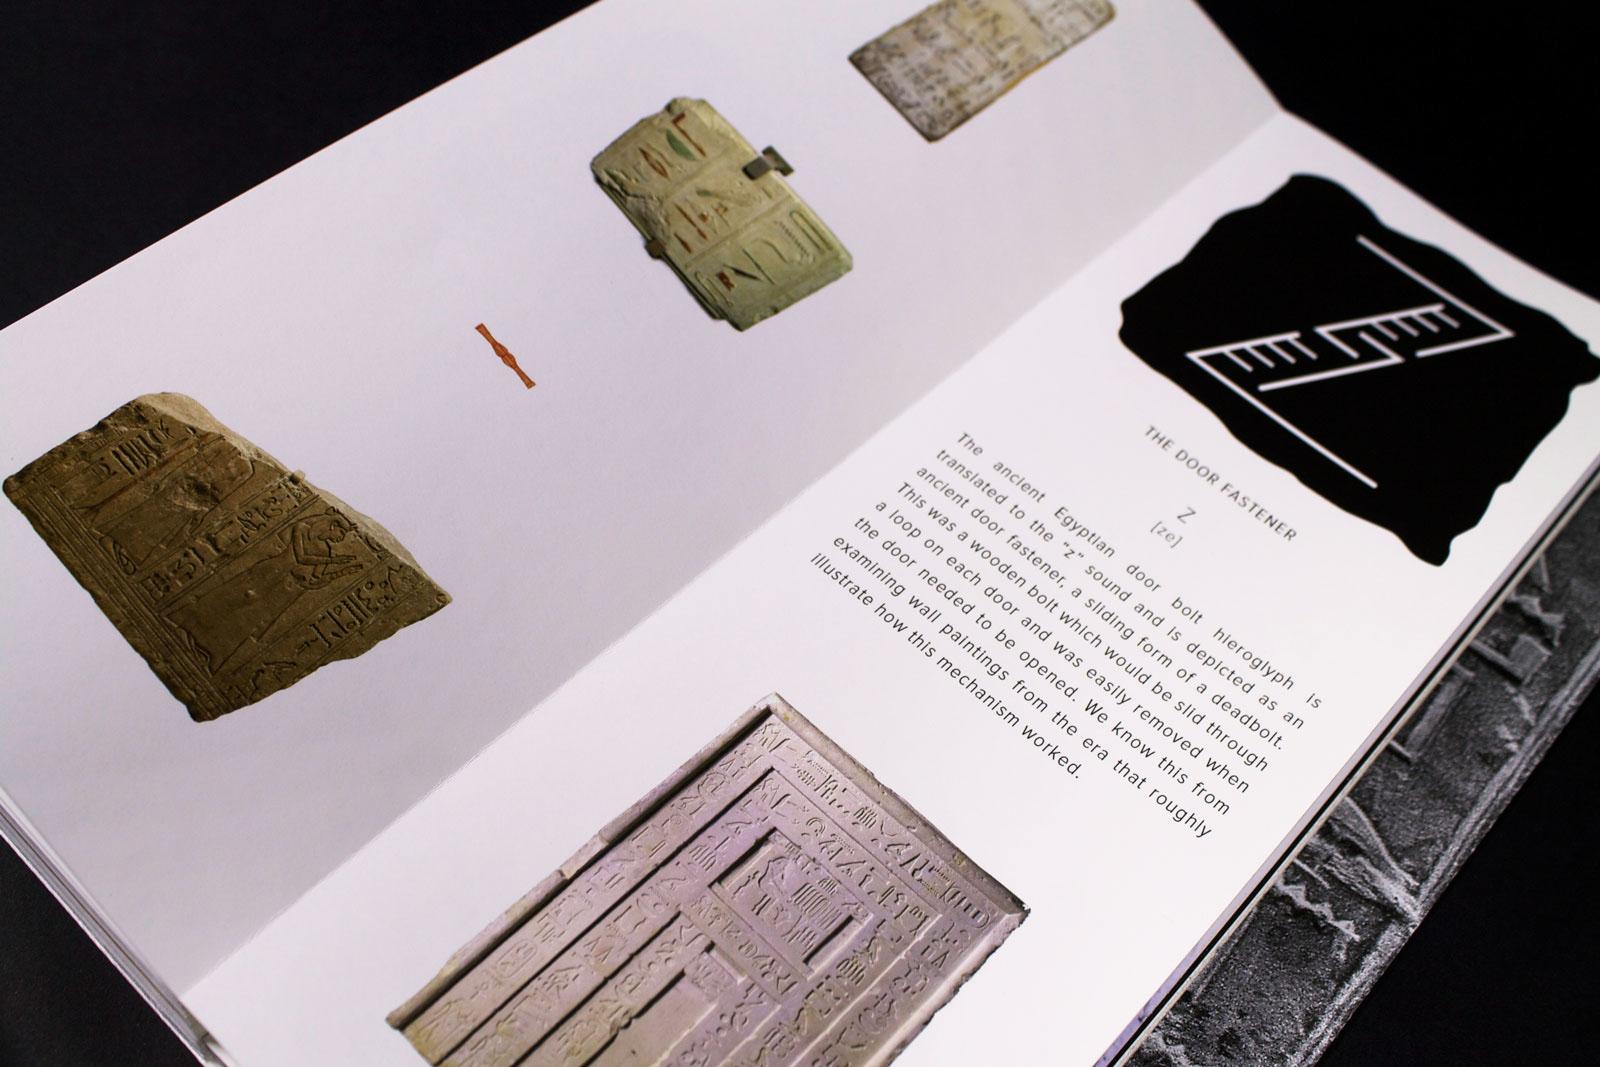 ZanBarnett-Sands-Book3.jpg